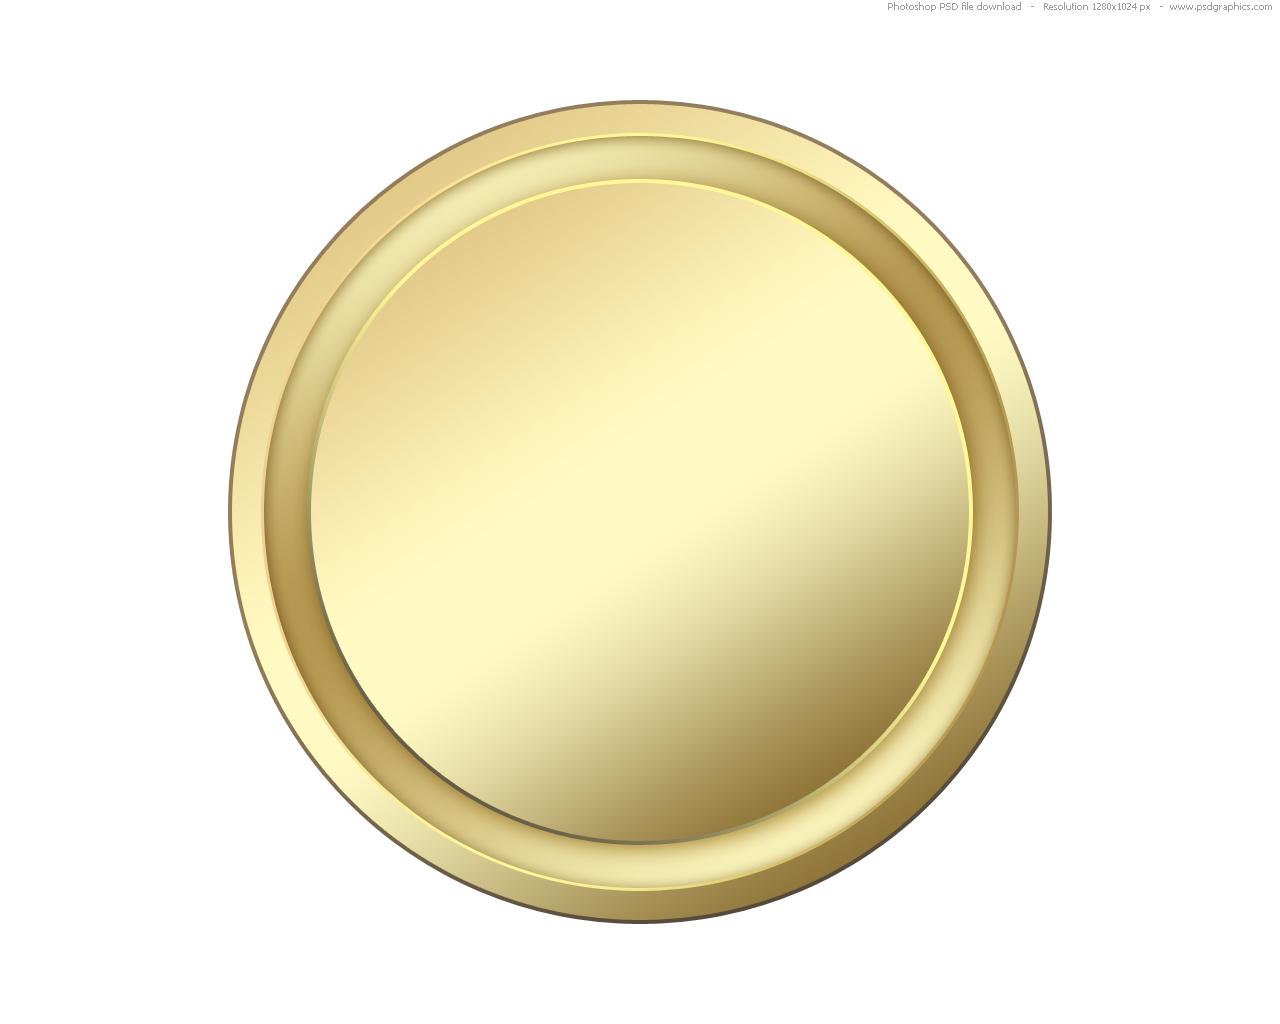 Blank Round Button